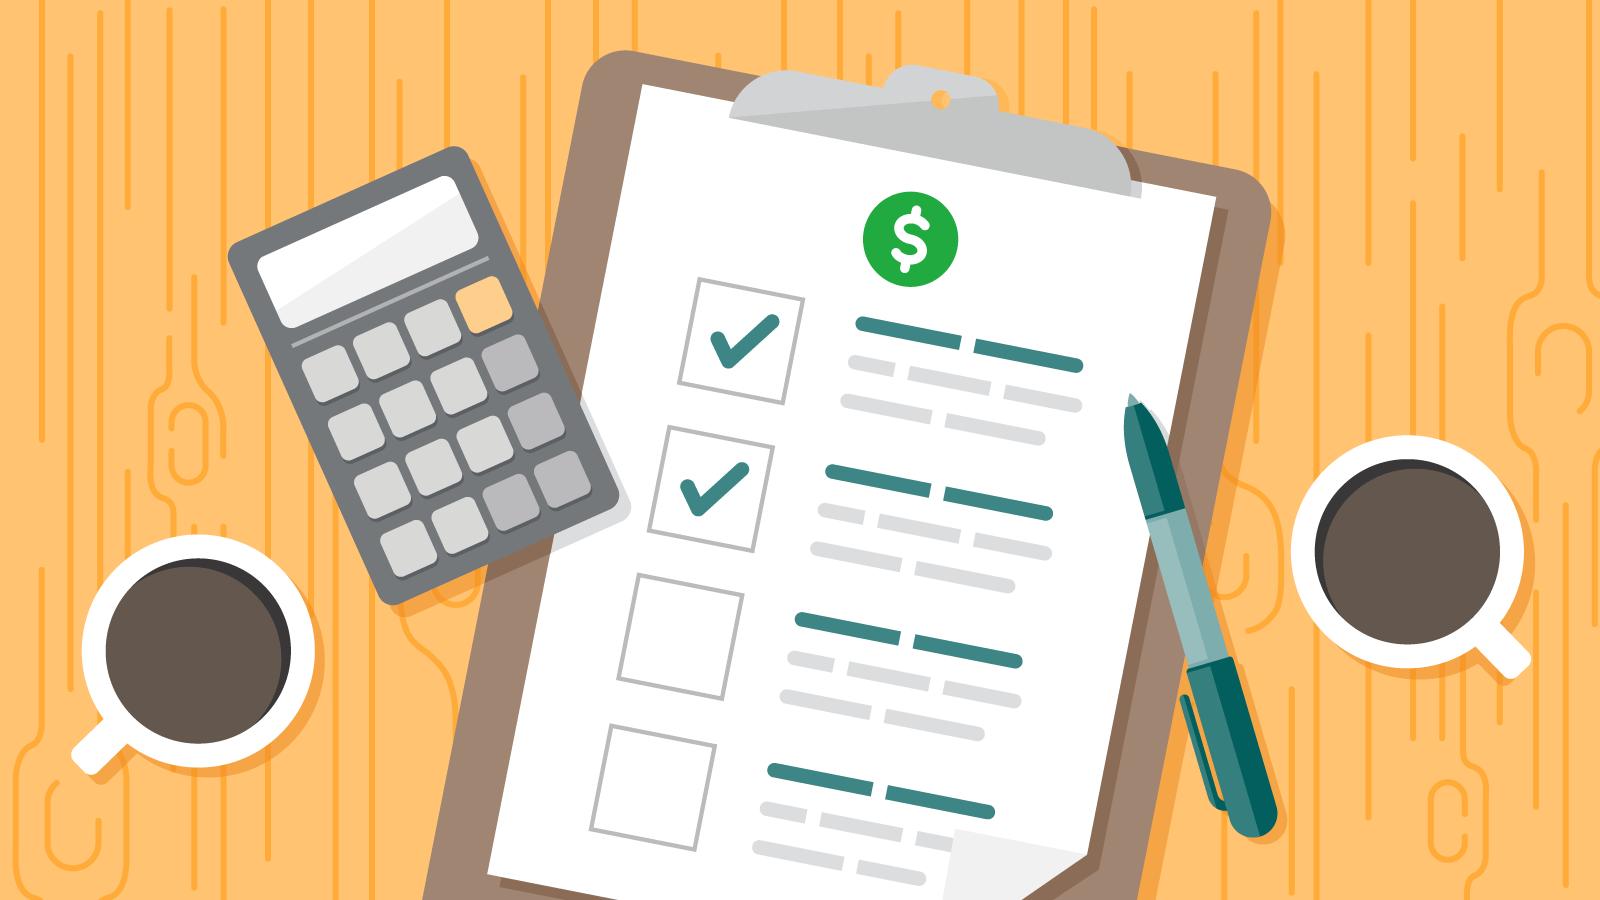 kiểm tra sức khoẻ tài chính